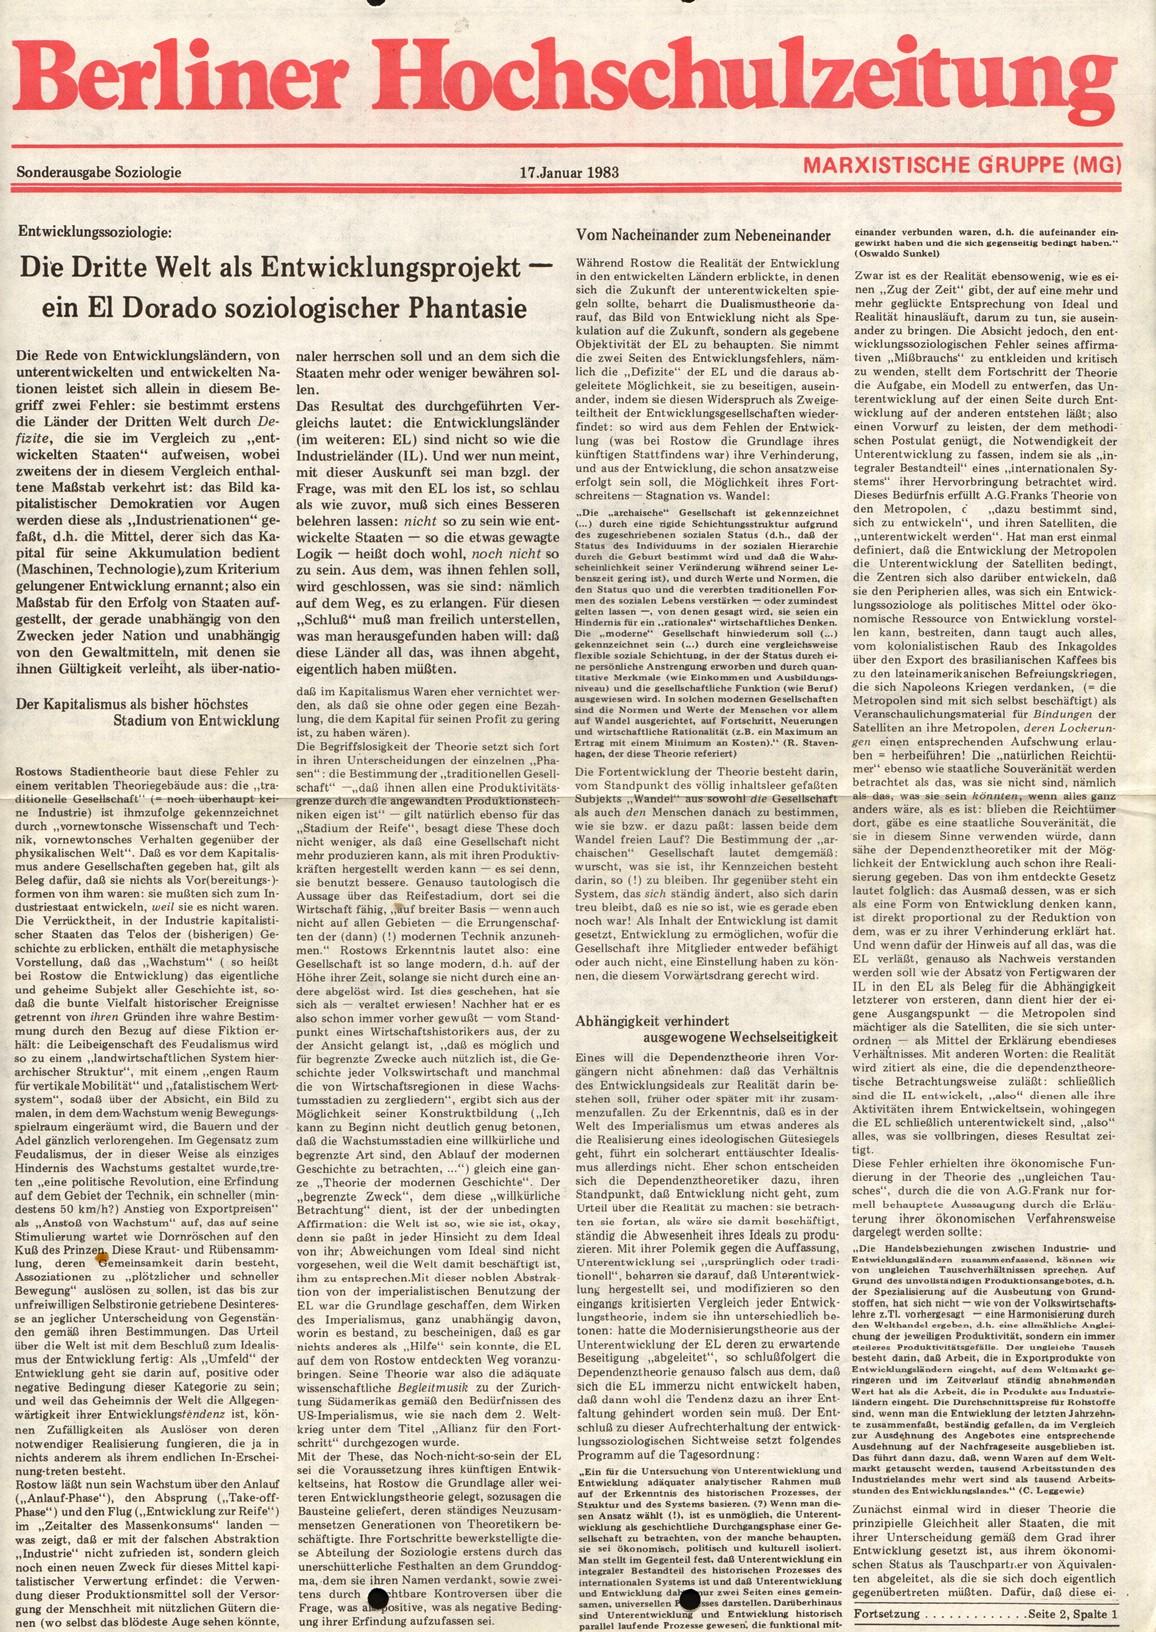 Berlin_MG_Hochschulzeitung_19830117_Soz_01